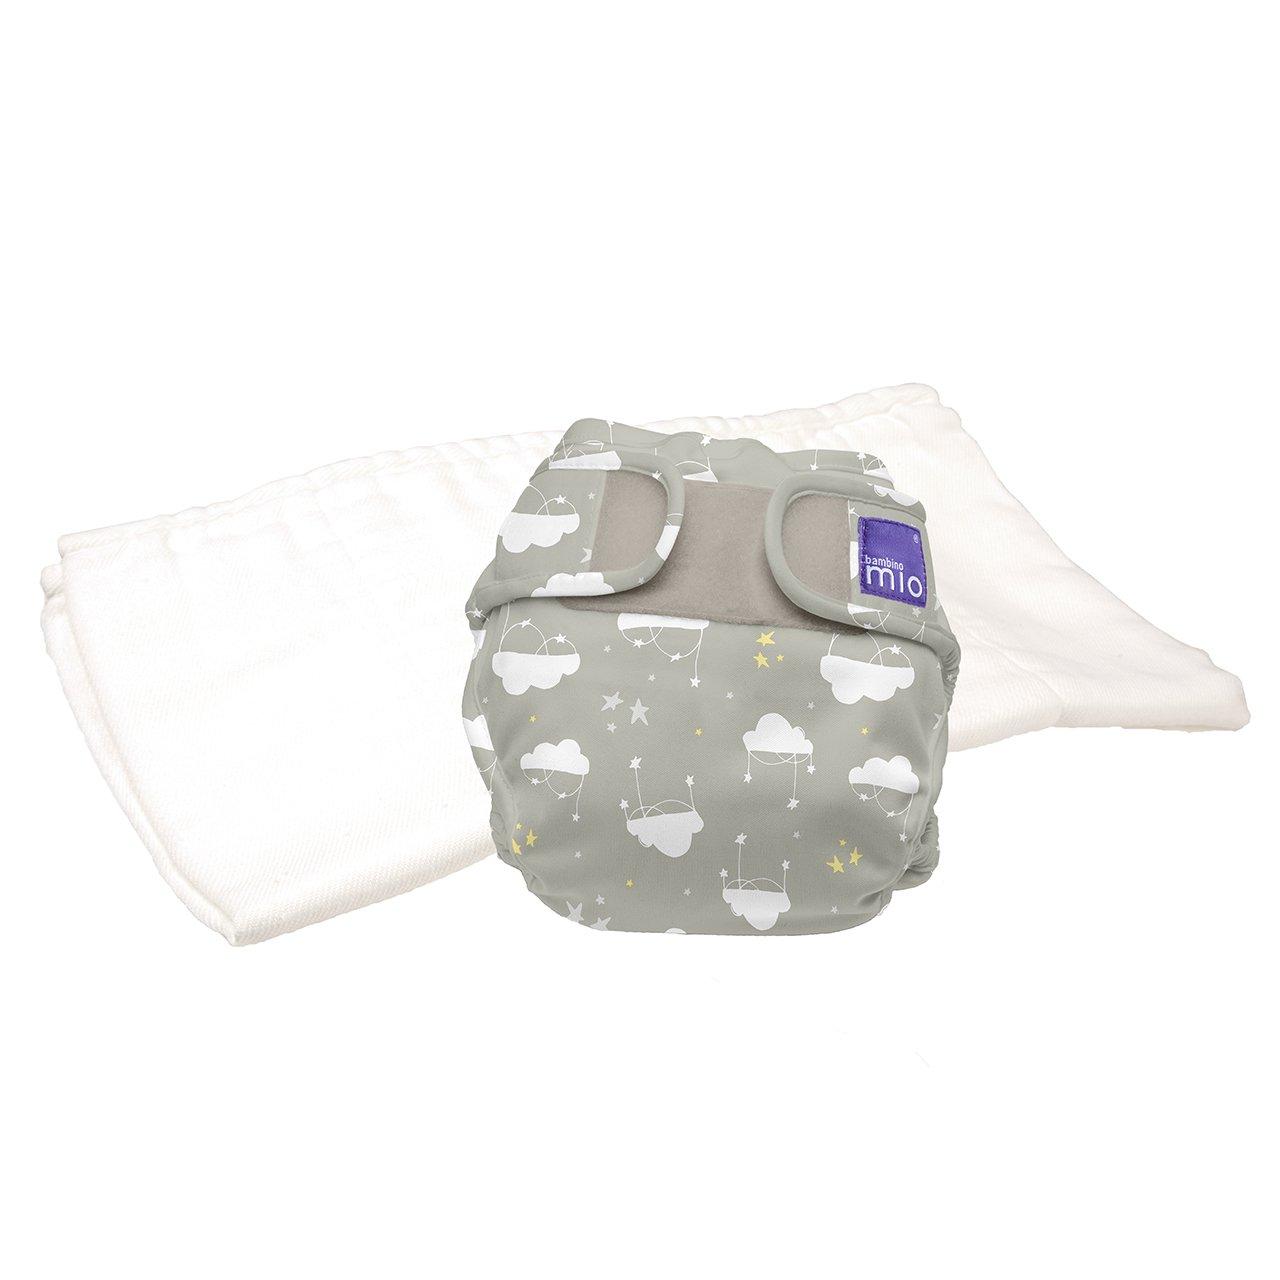 Bambino Mio, miosoft pannolino lavabile in due pezzi (kit di prova), Gran Bretagna, taglia 2 (9 kg+) TPMS2 GBR